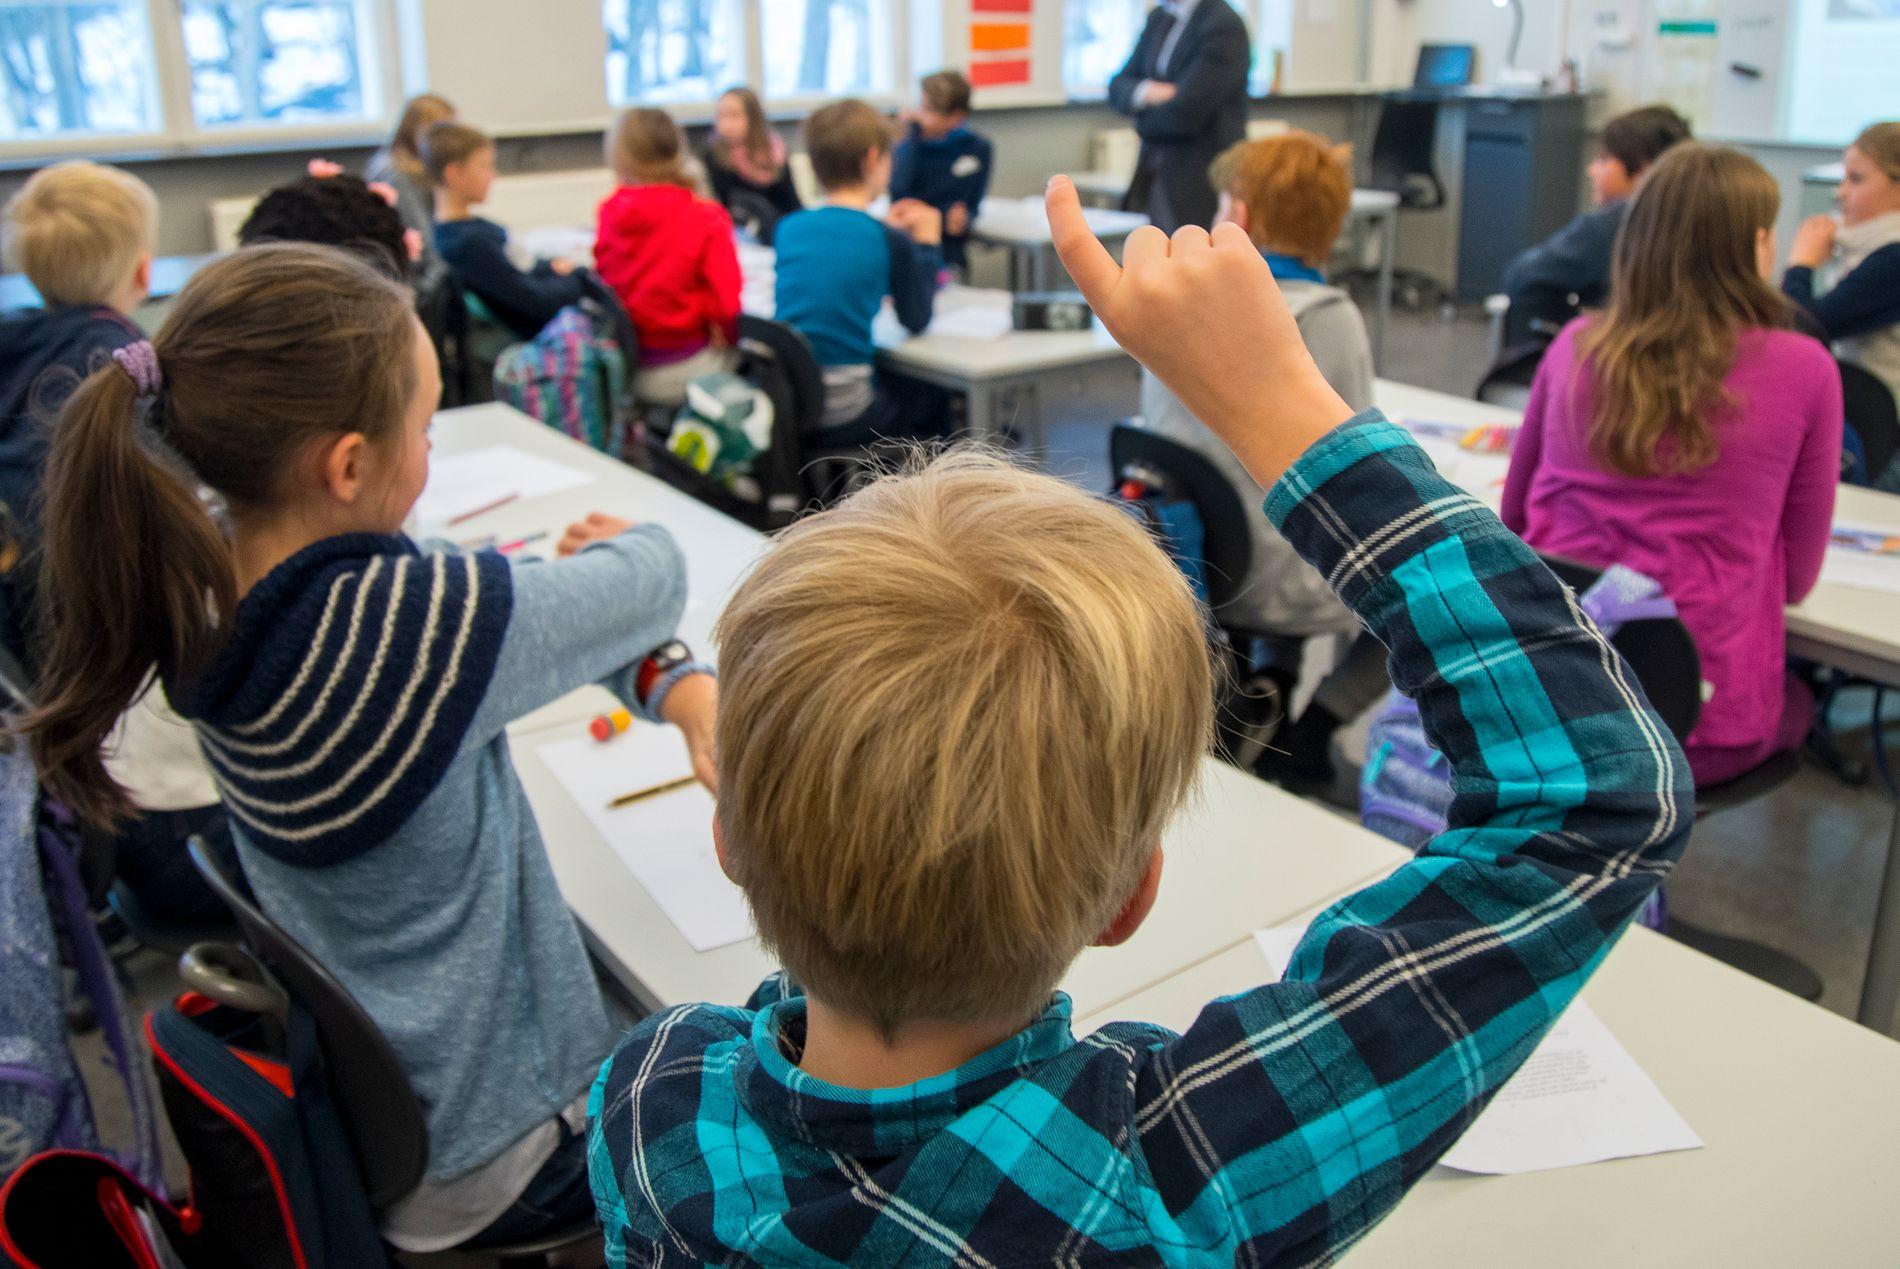 TRYGGHET:  Jeg er bekymret for retningen 6-årspedagogikken har tatt. I dagens baseskoler blir barna delt inn i store og små grupper i løpet av dagen med ulike voksne. Men det aller viktigste for de små elevene er å føle tilhørighet i en liten, trygg gruppe med voksne som kjenner barnet godt, skriver innsender.